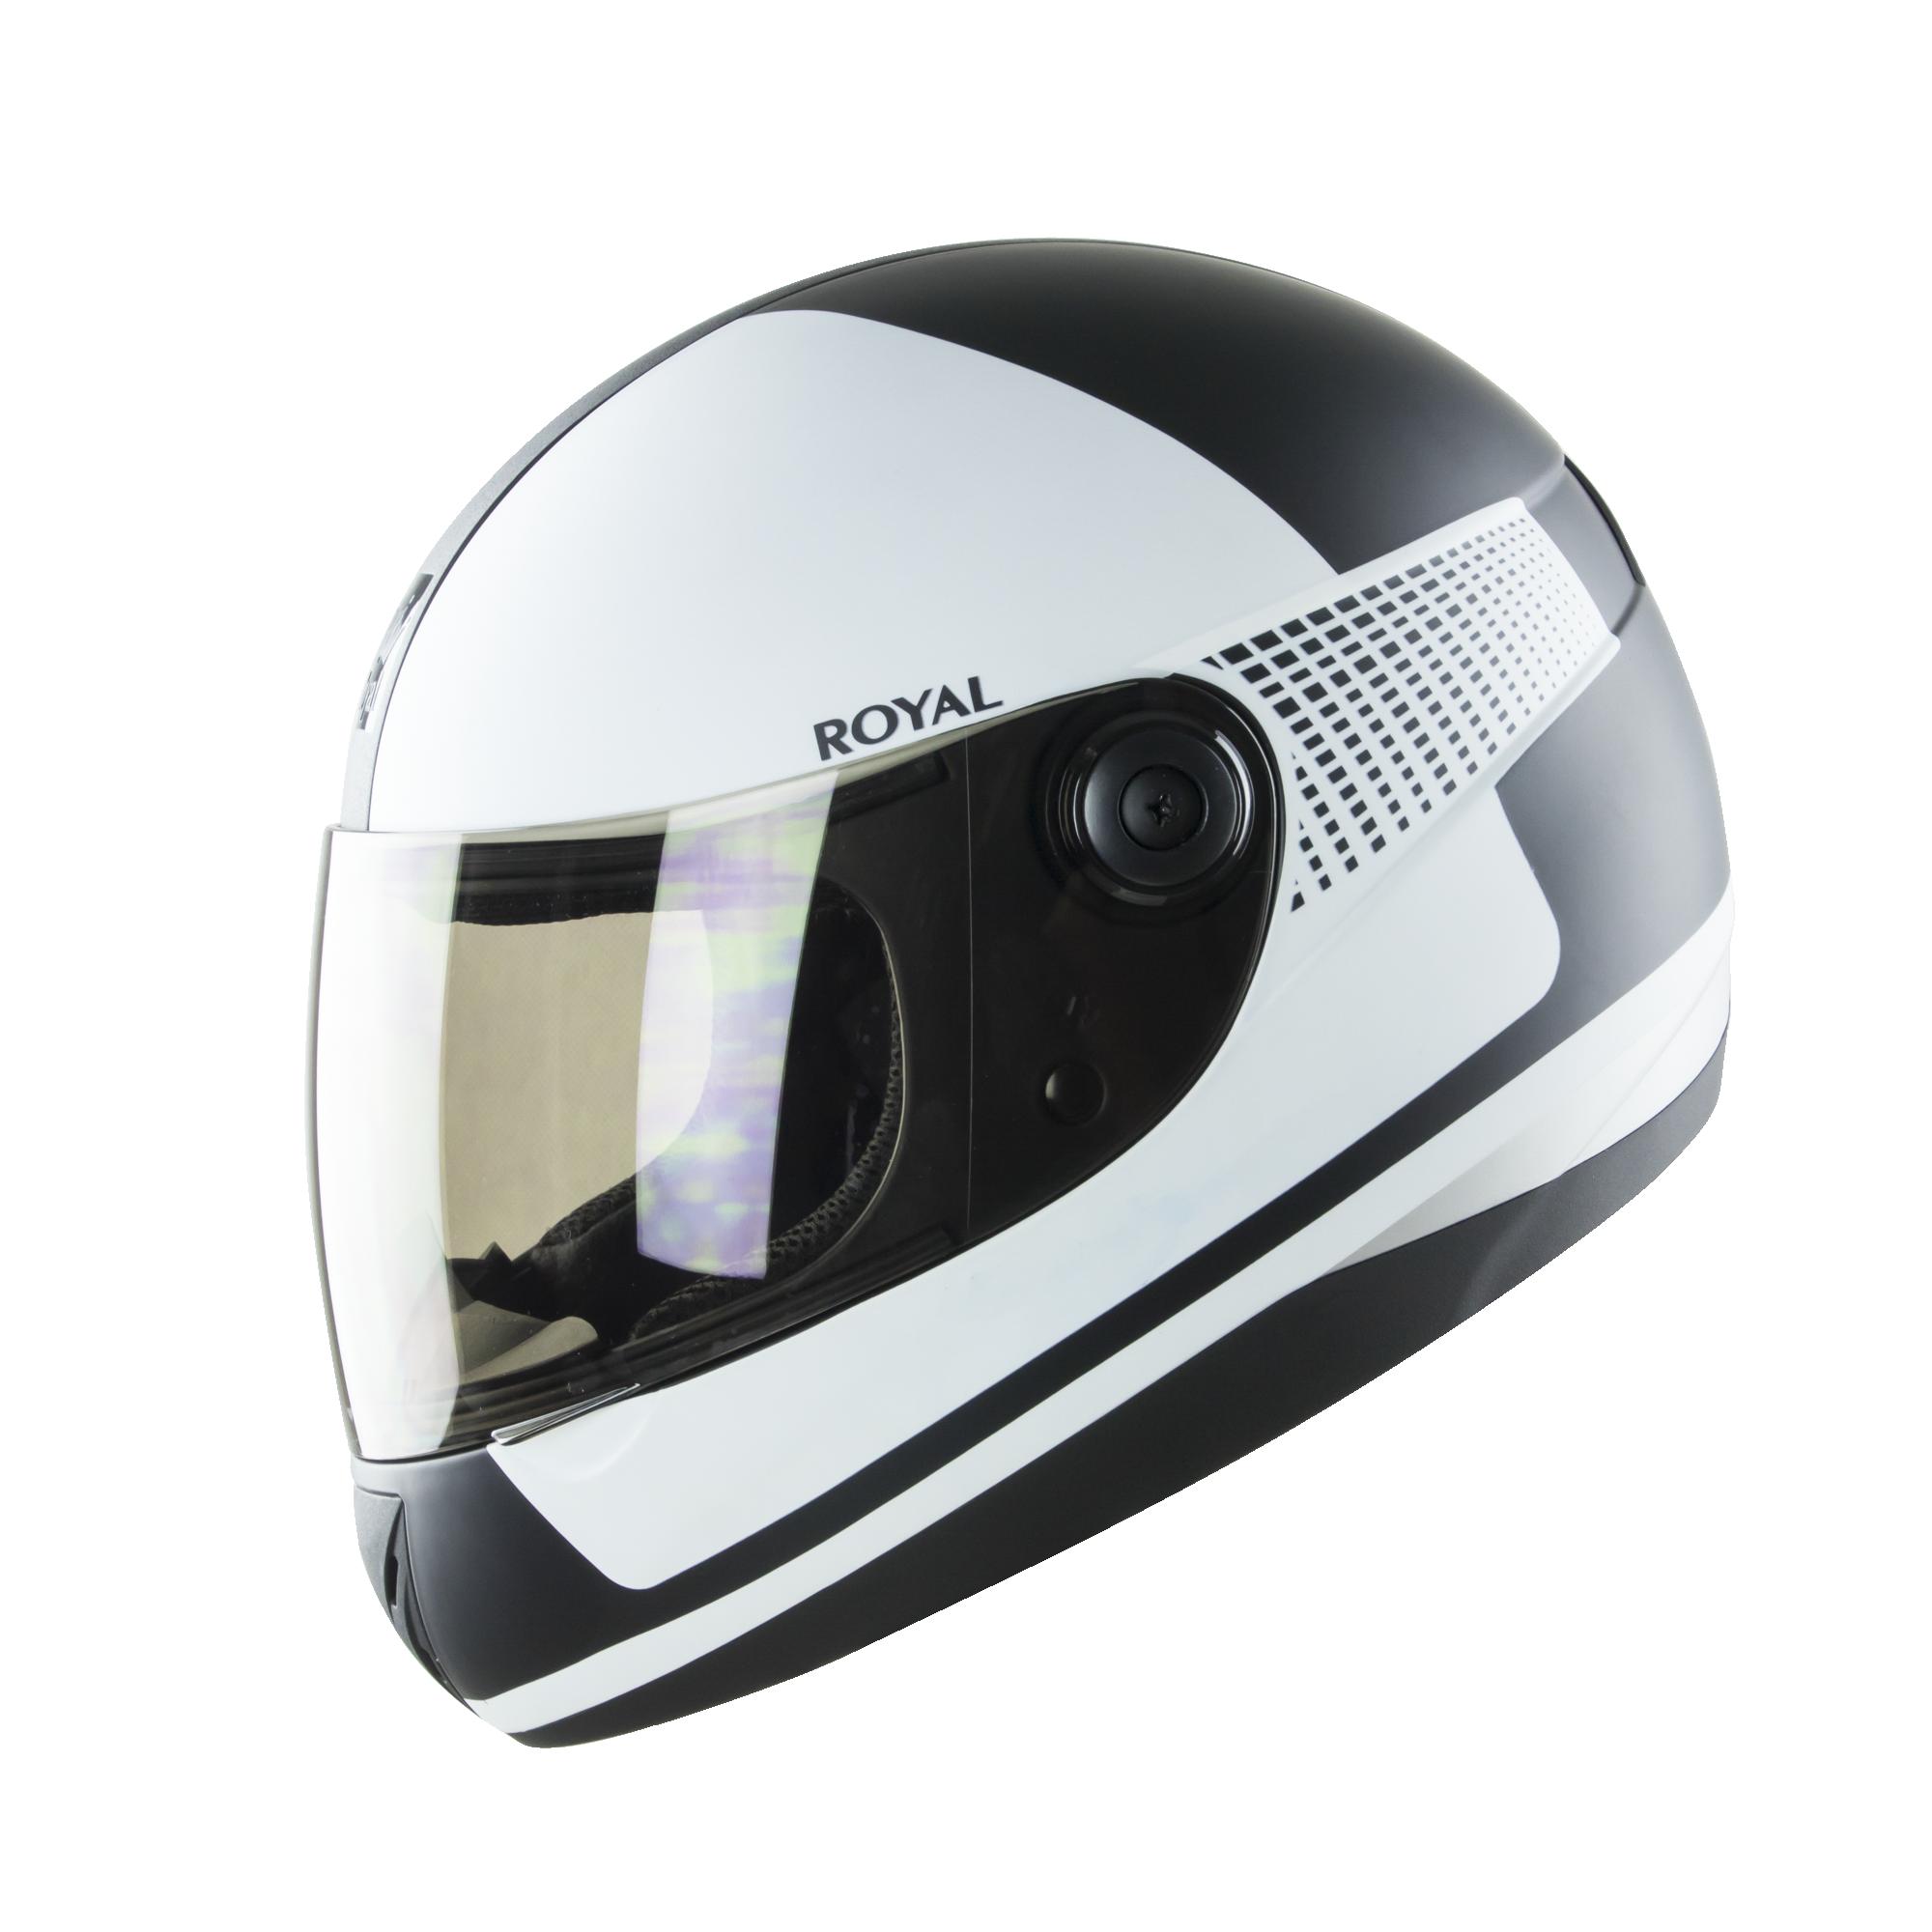 Royal M02 V.1 đen trắng mờ